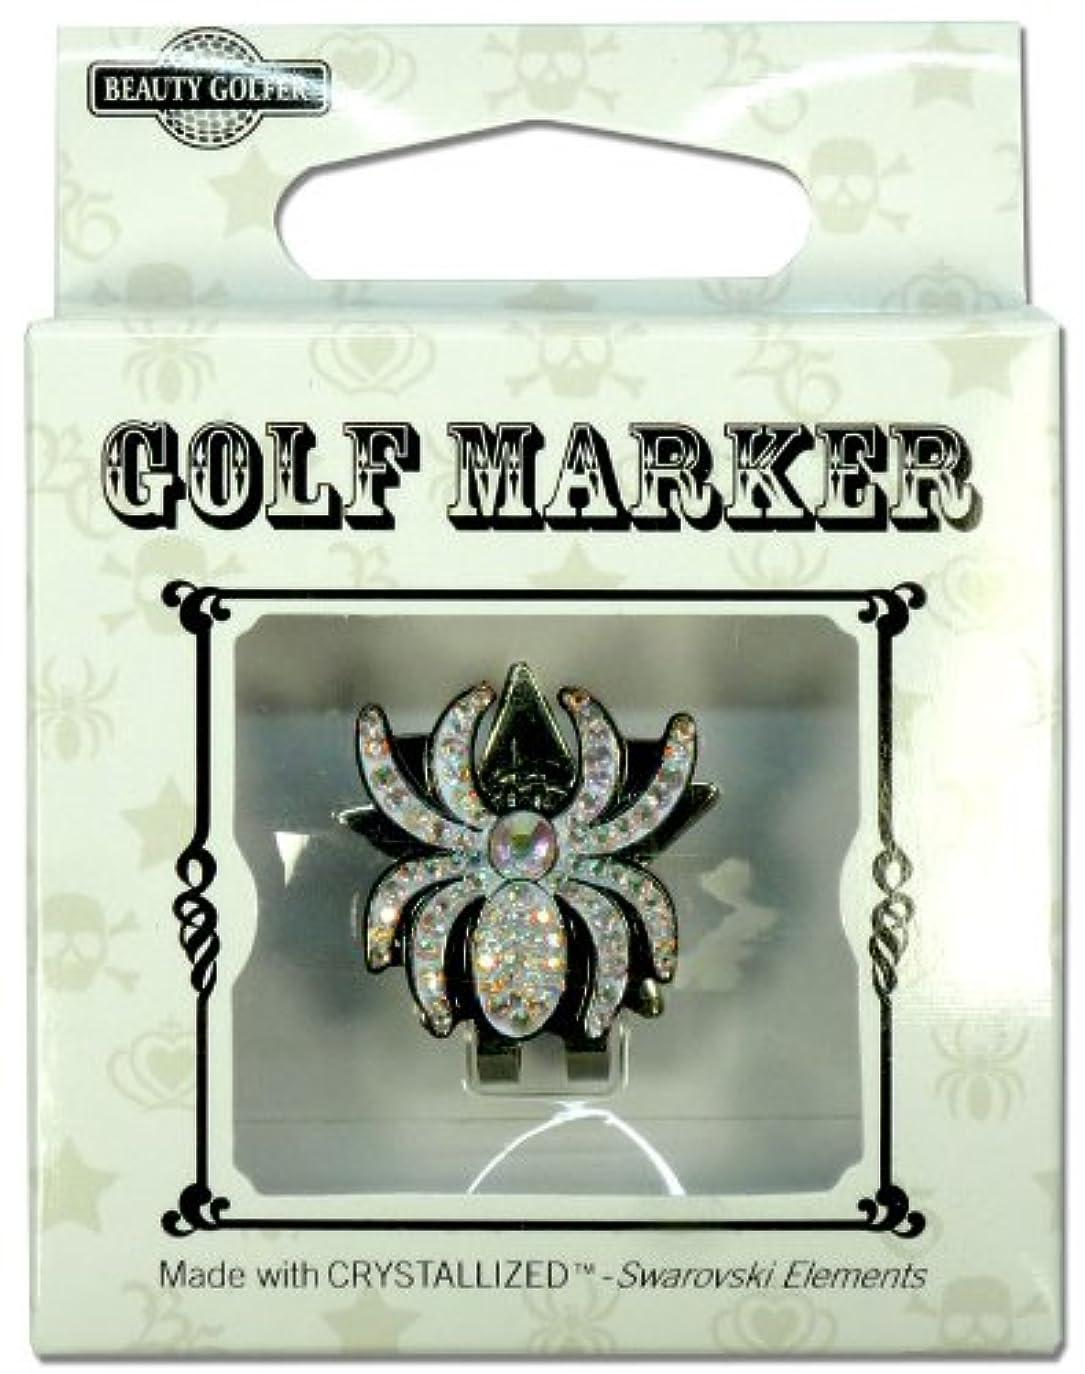 確かな週末フォアマンゴルフ マーカー BG-14 クモ